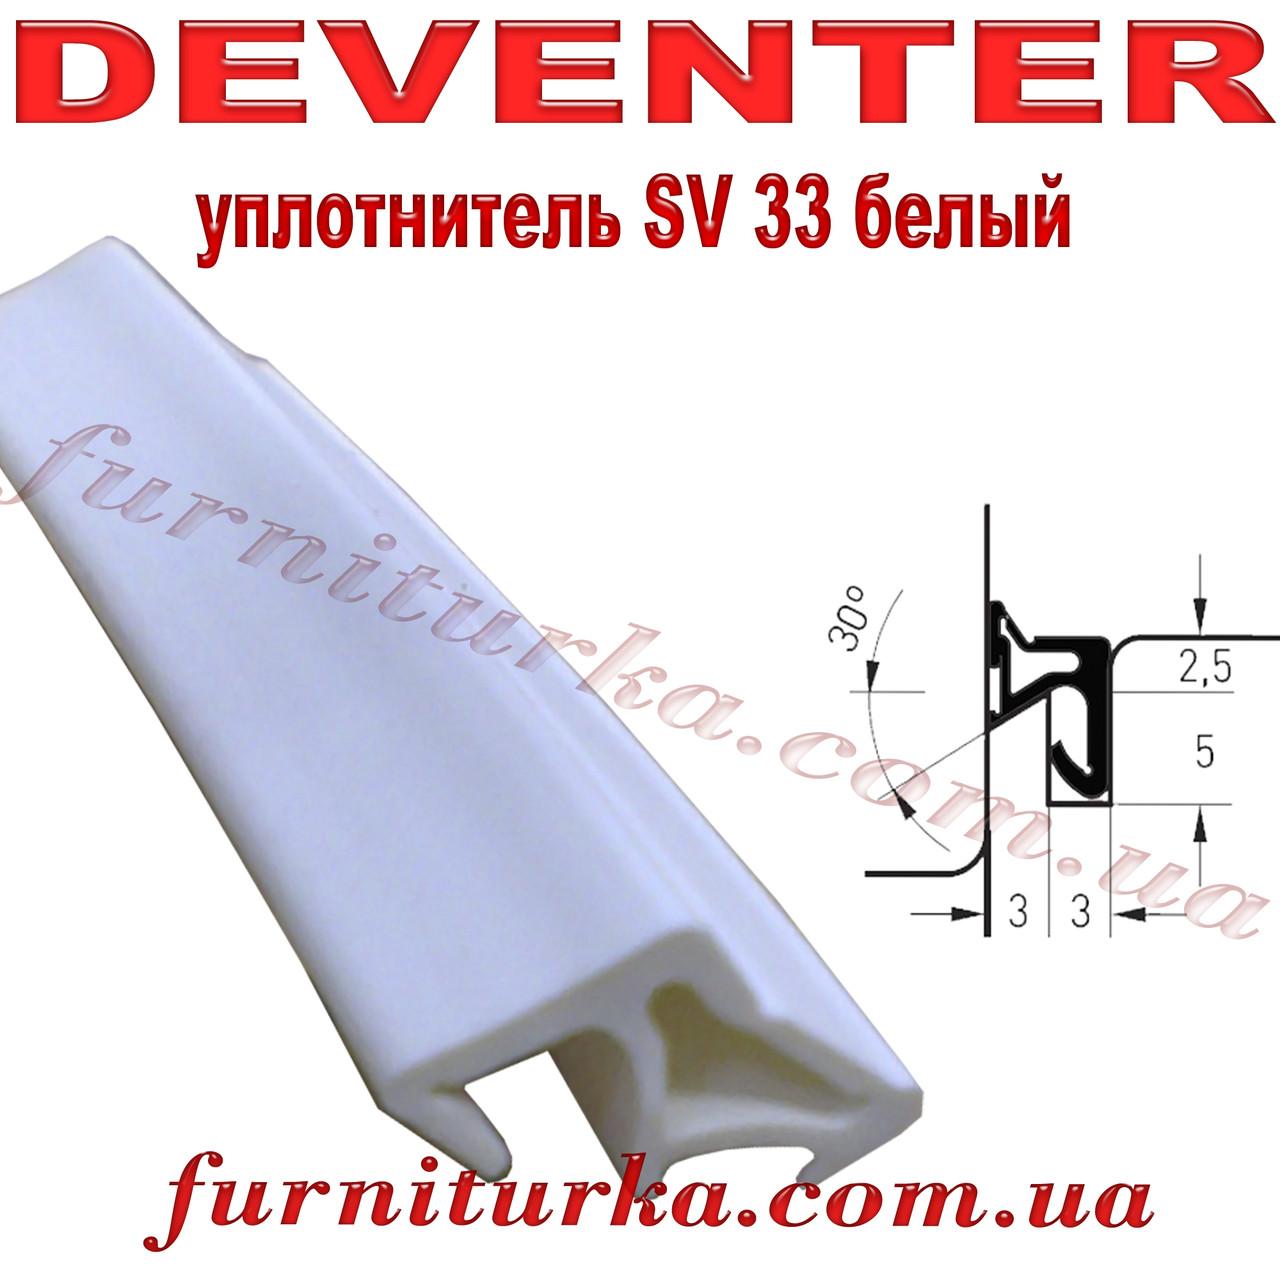 Уплотнитель оконный Deventer SV 33 белый